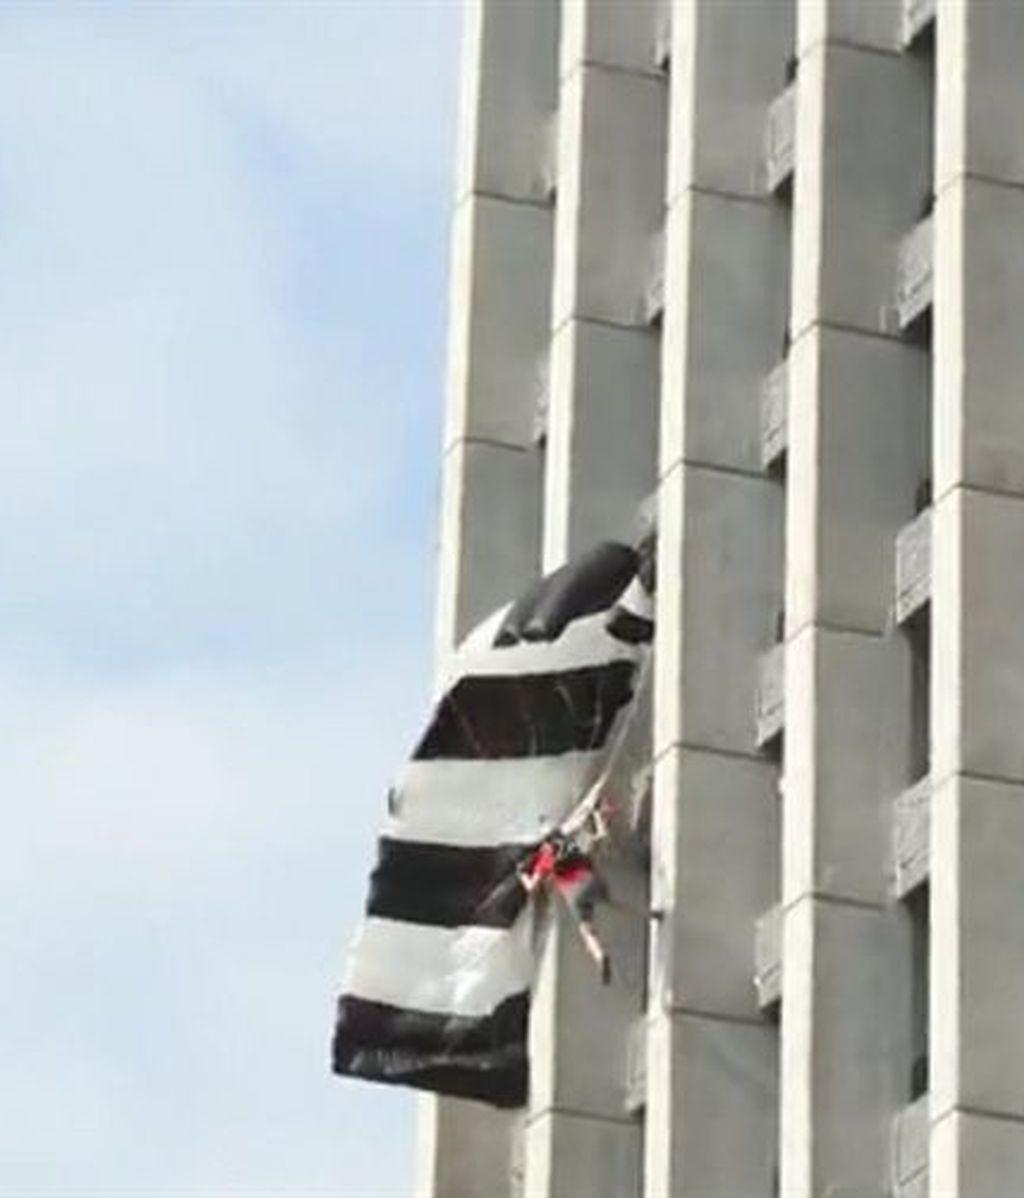 Una saltadora cae en picado tras abrirse al revés su paracaídas